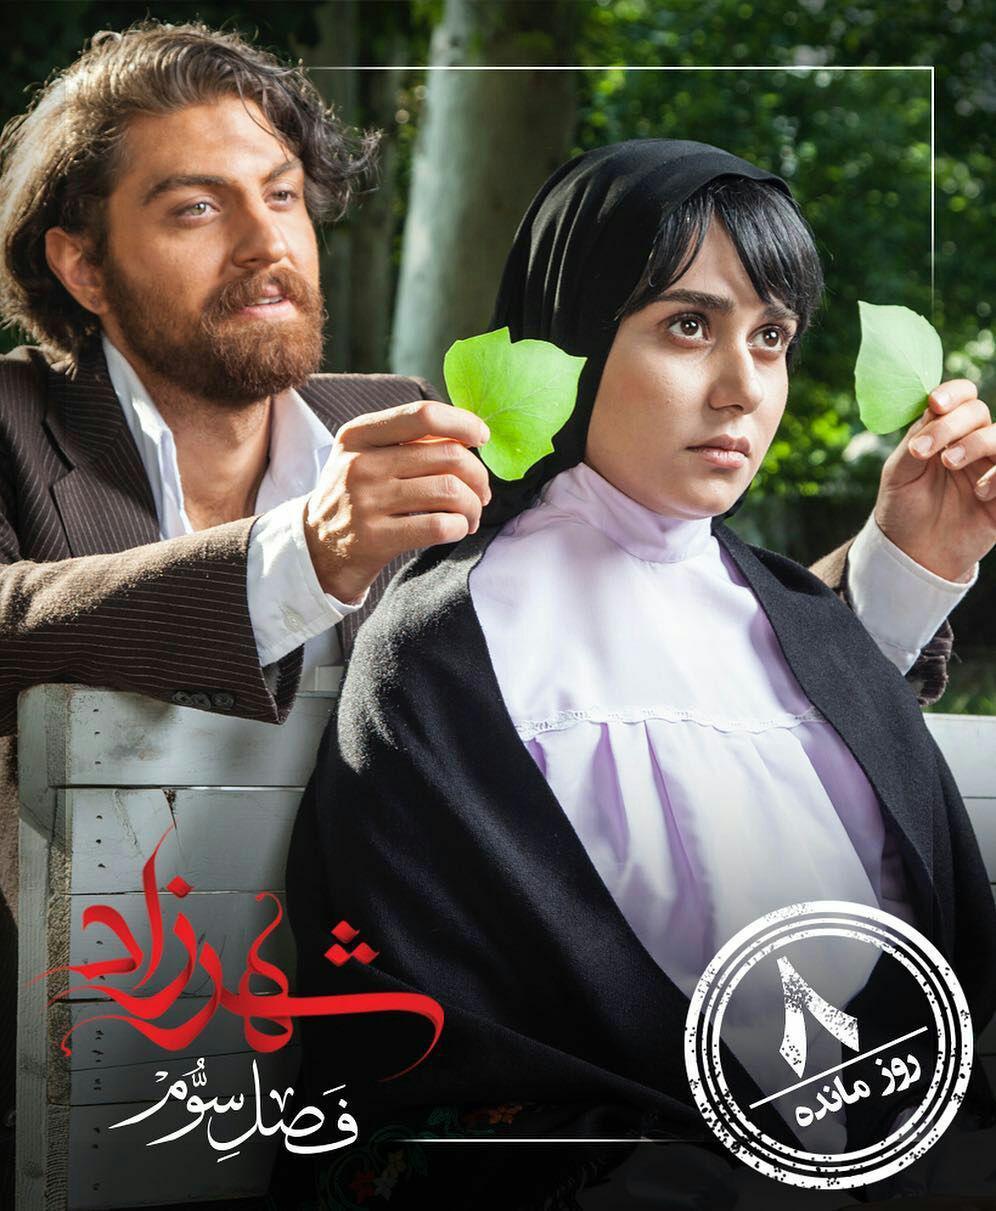 shahrzad 3